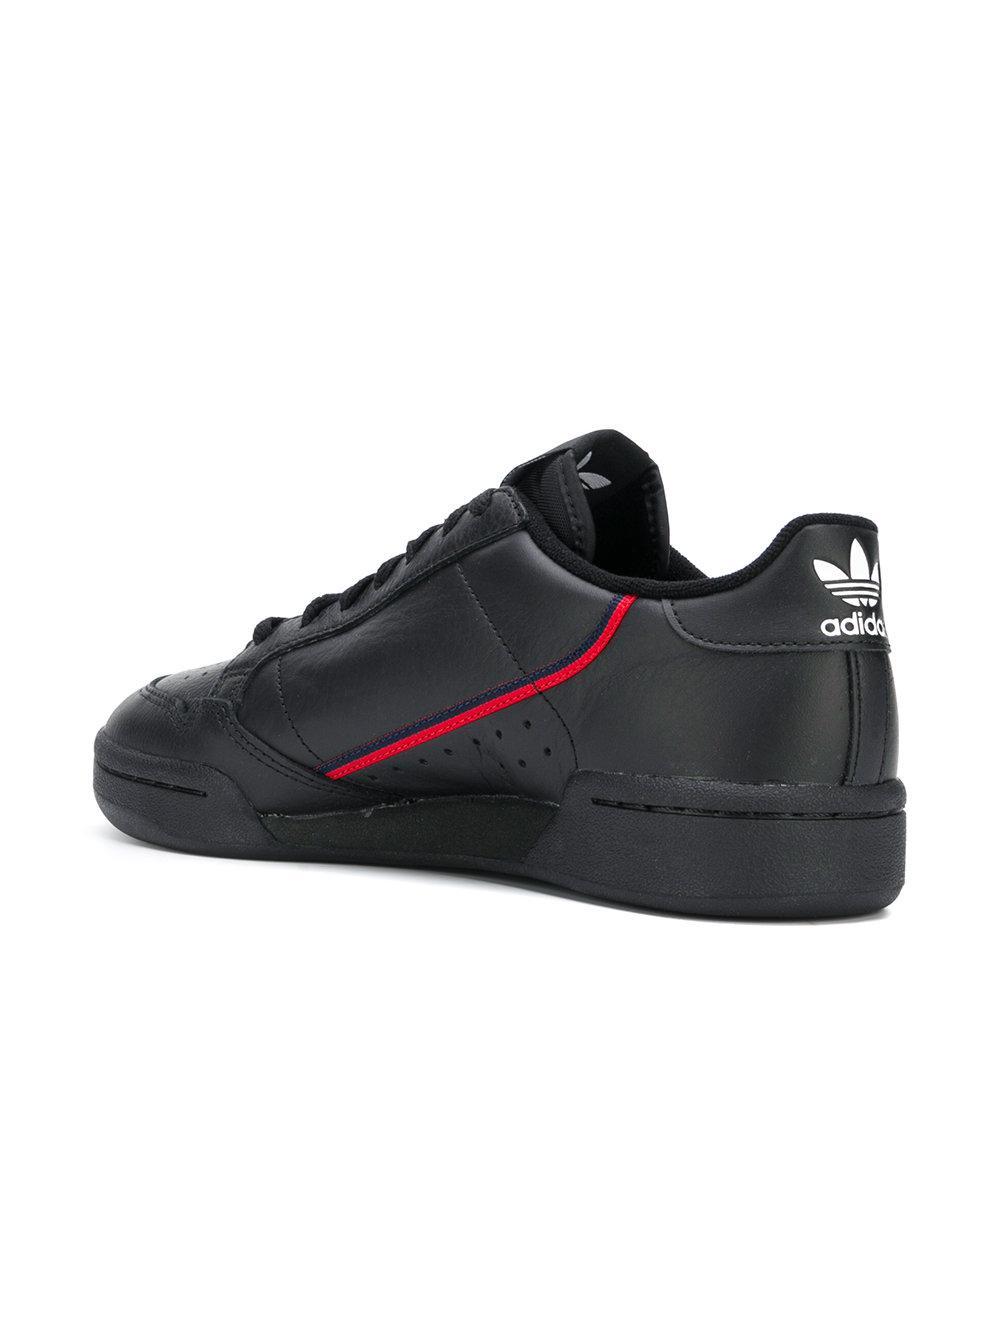 Lyst Adidas continental 80 Rascal zapatilla en negro para hombres